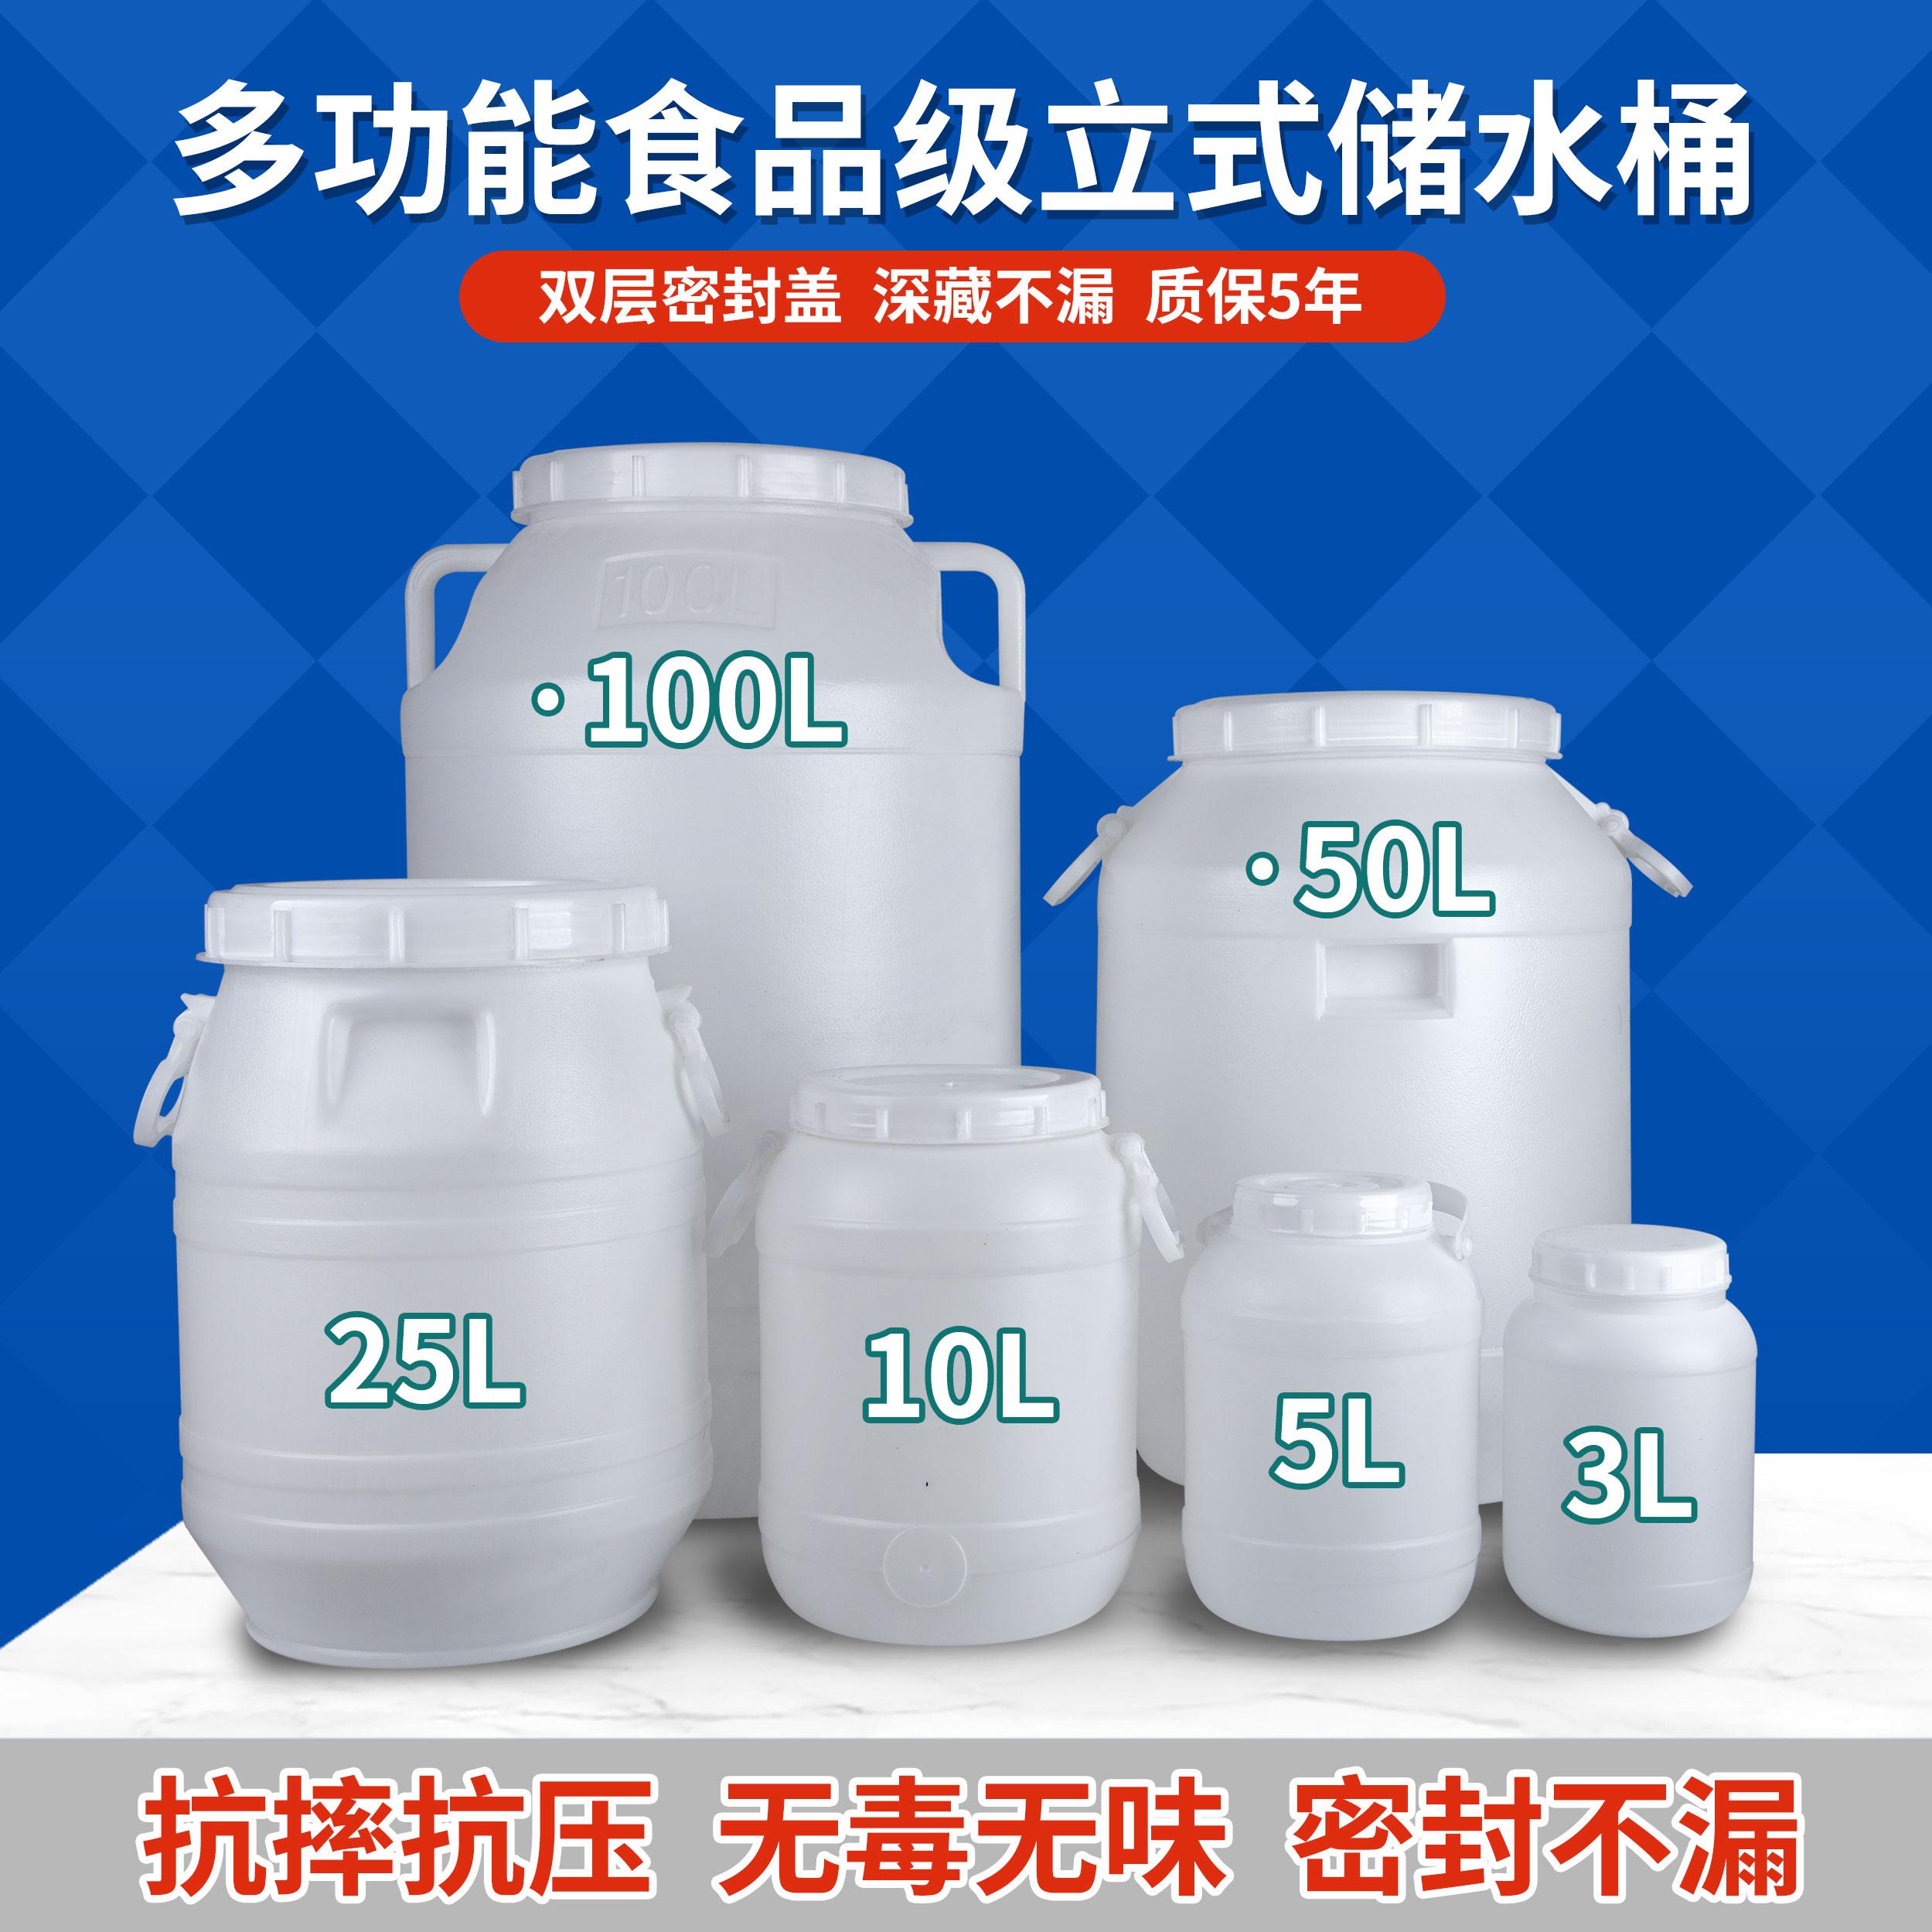 食品级家用立式塑料桶带盖大储水桶20/50L公斤蜂蜜桶酿酒桶酵素桶